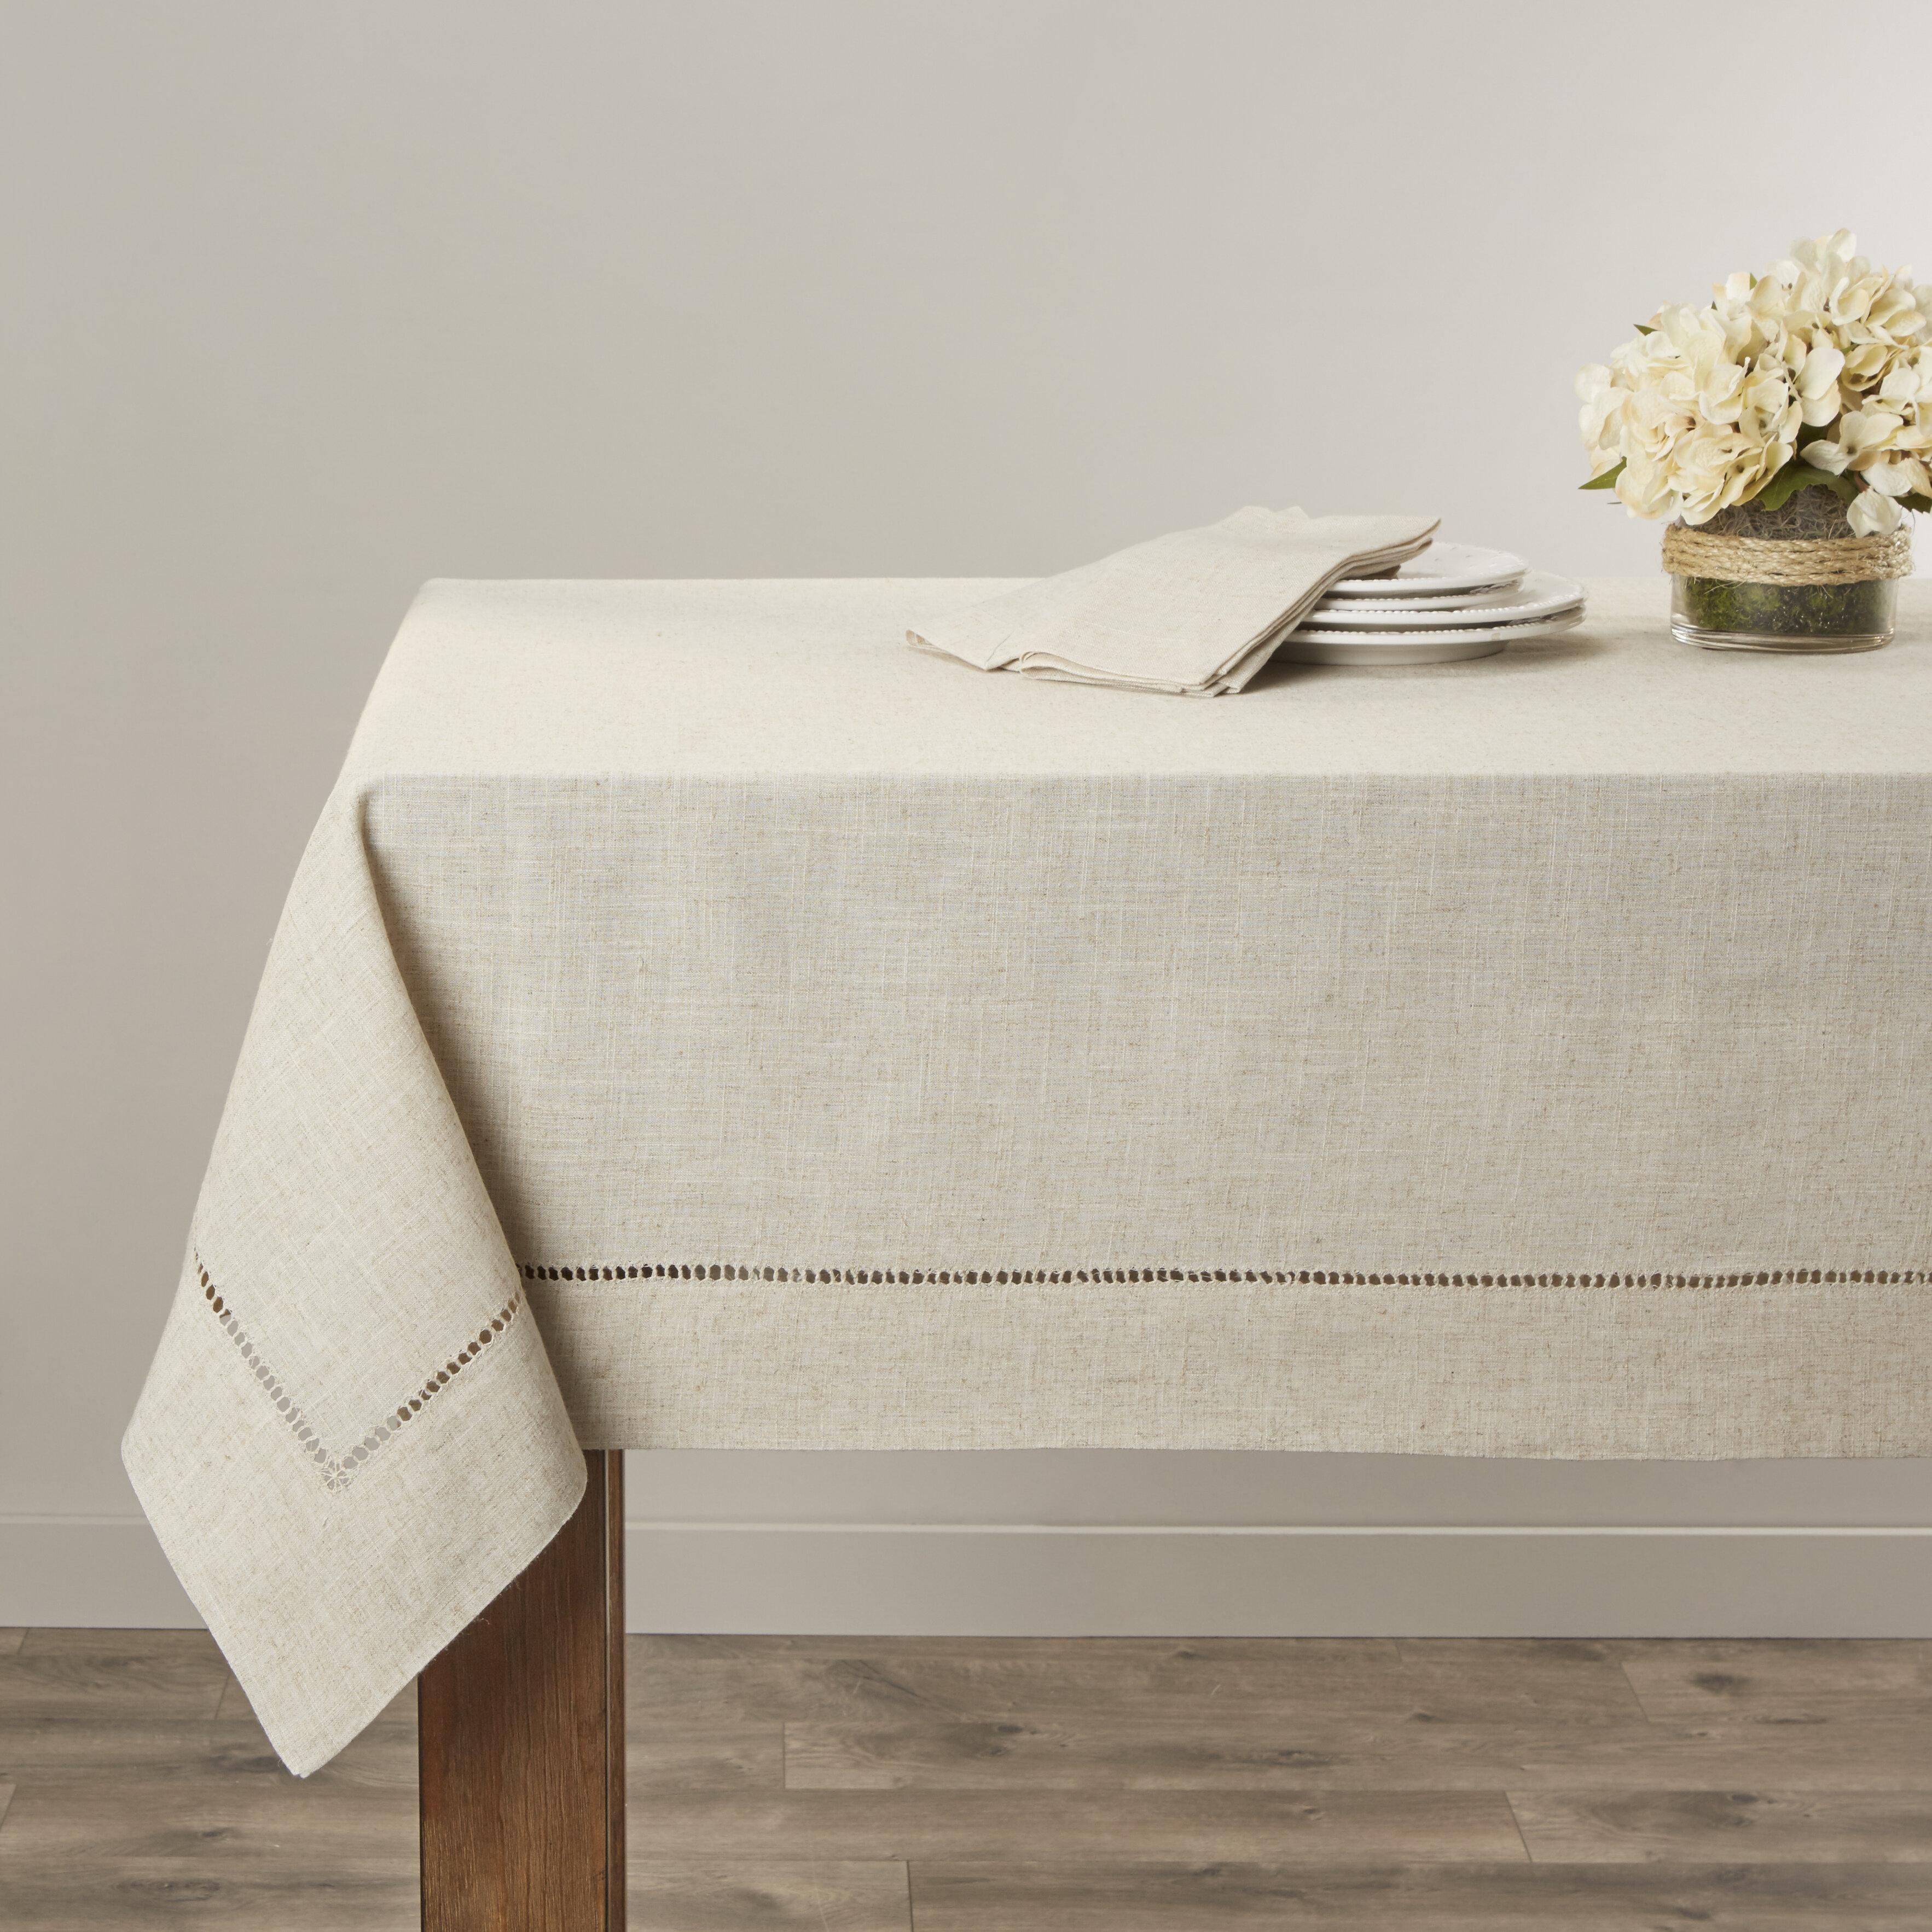 Wayfair & Cloth Table Skirts | Wayfair